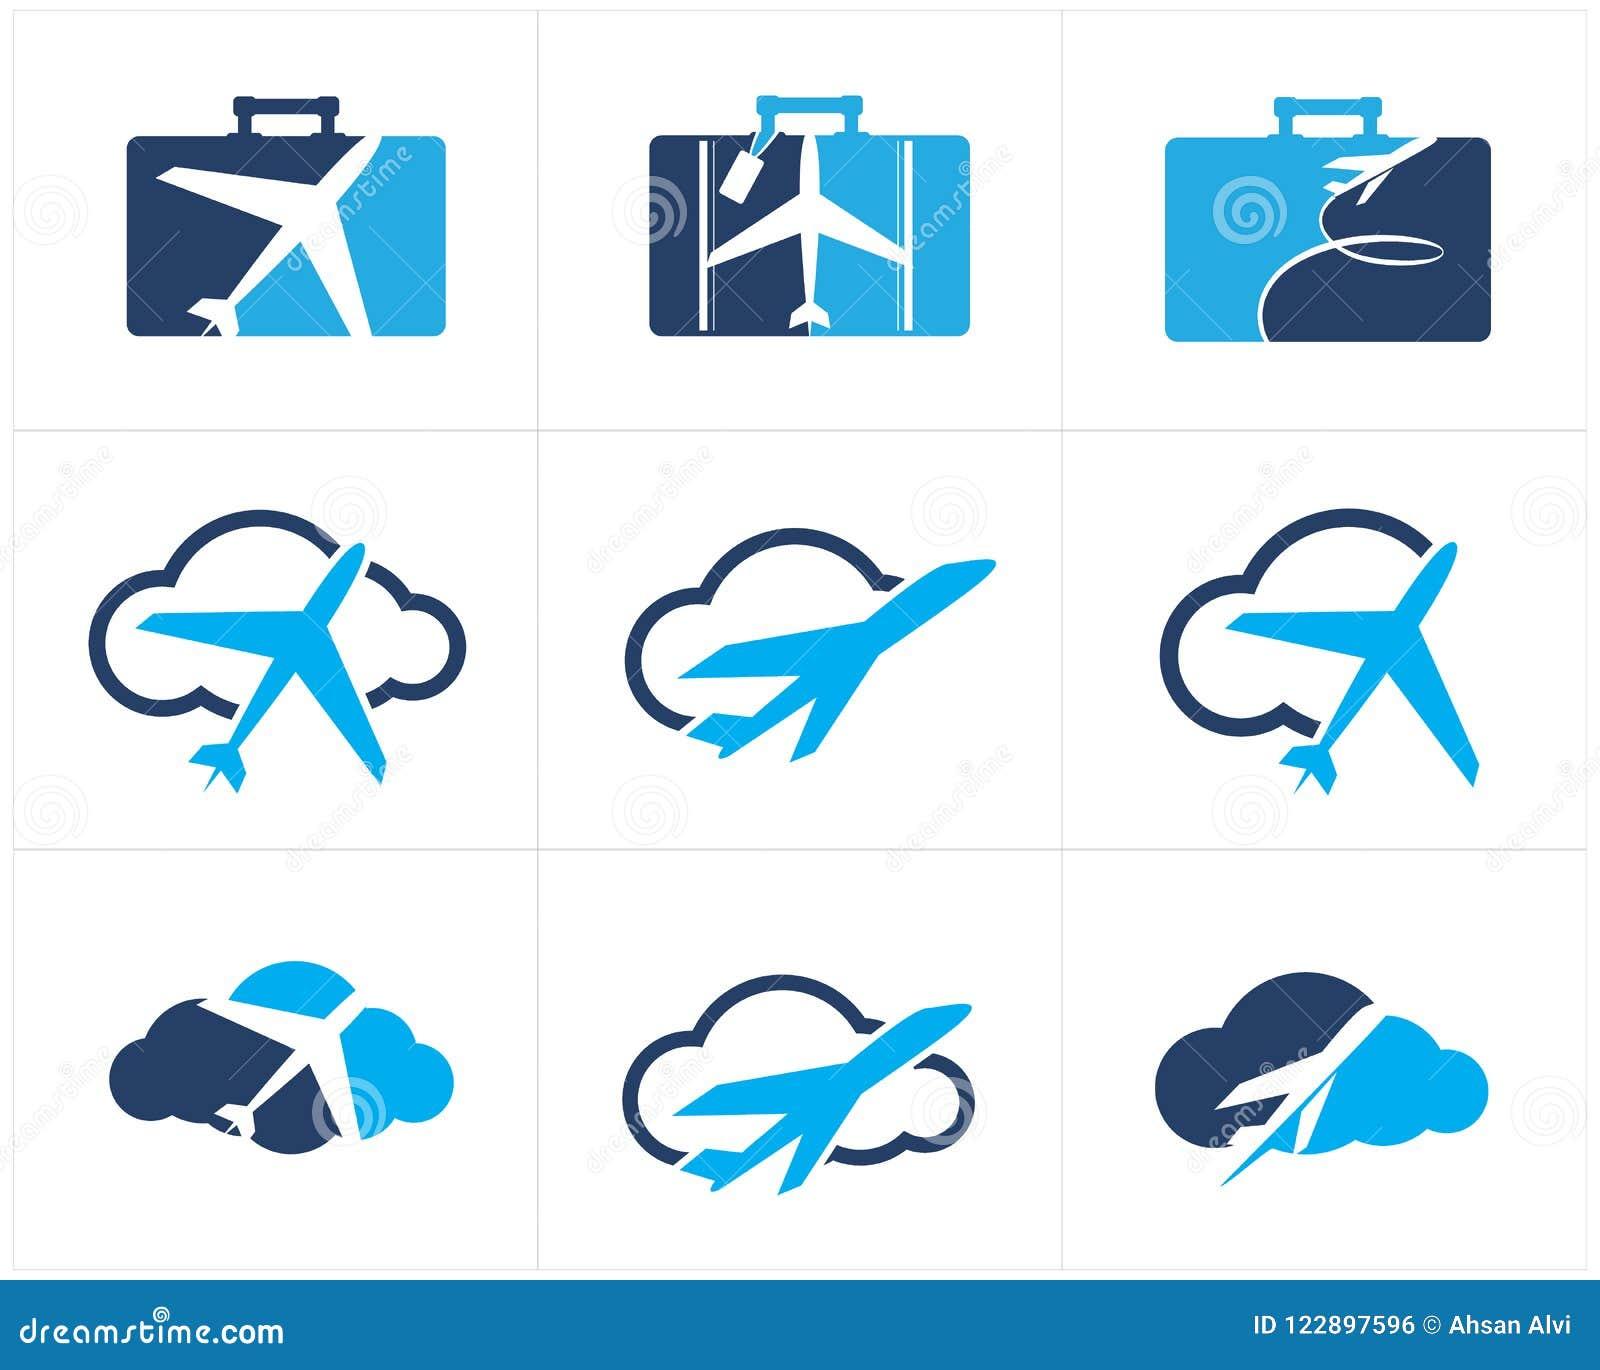 Logos de voyage scénographie, avion dans la maison, coeur et nuage, icônes de vecteur de tourisme